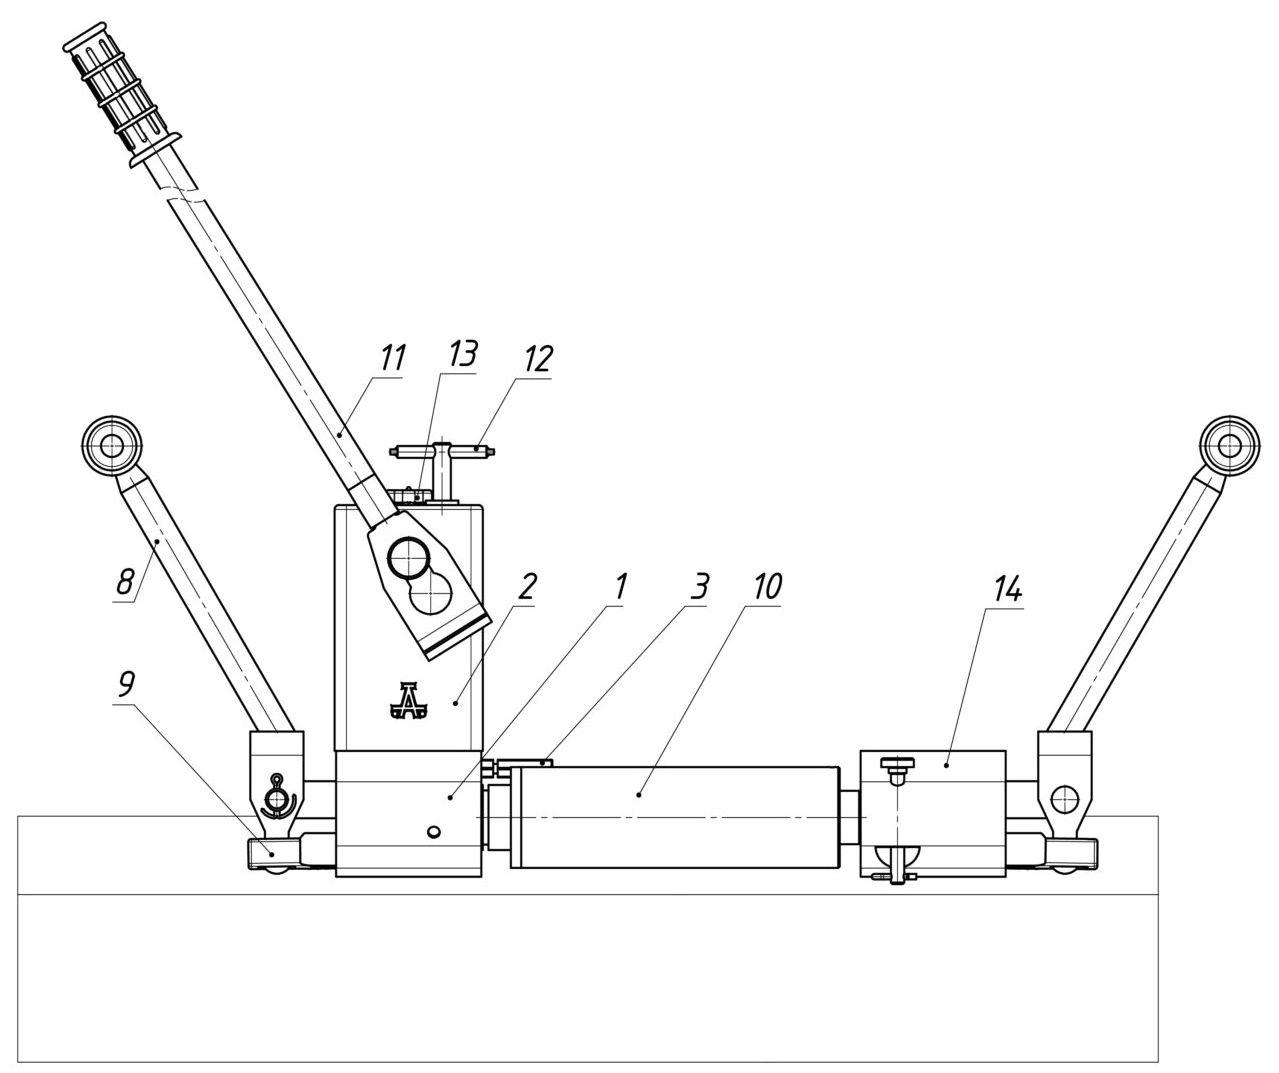 Шпалоперегонщик ШПГР-10 - сборка в режиме разгонщика стыковых зазоров.